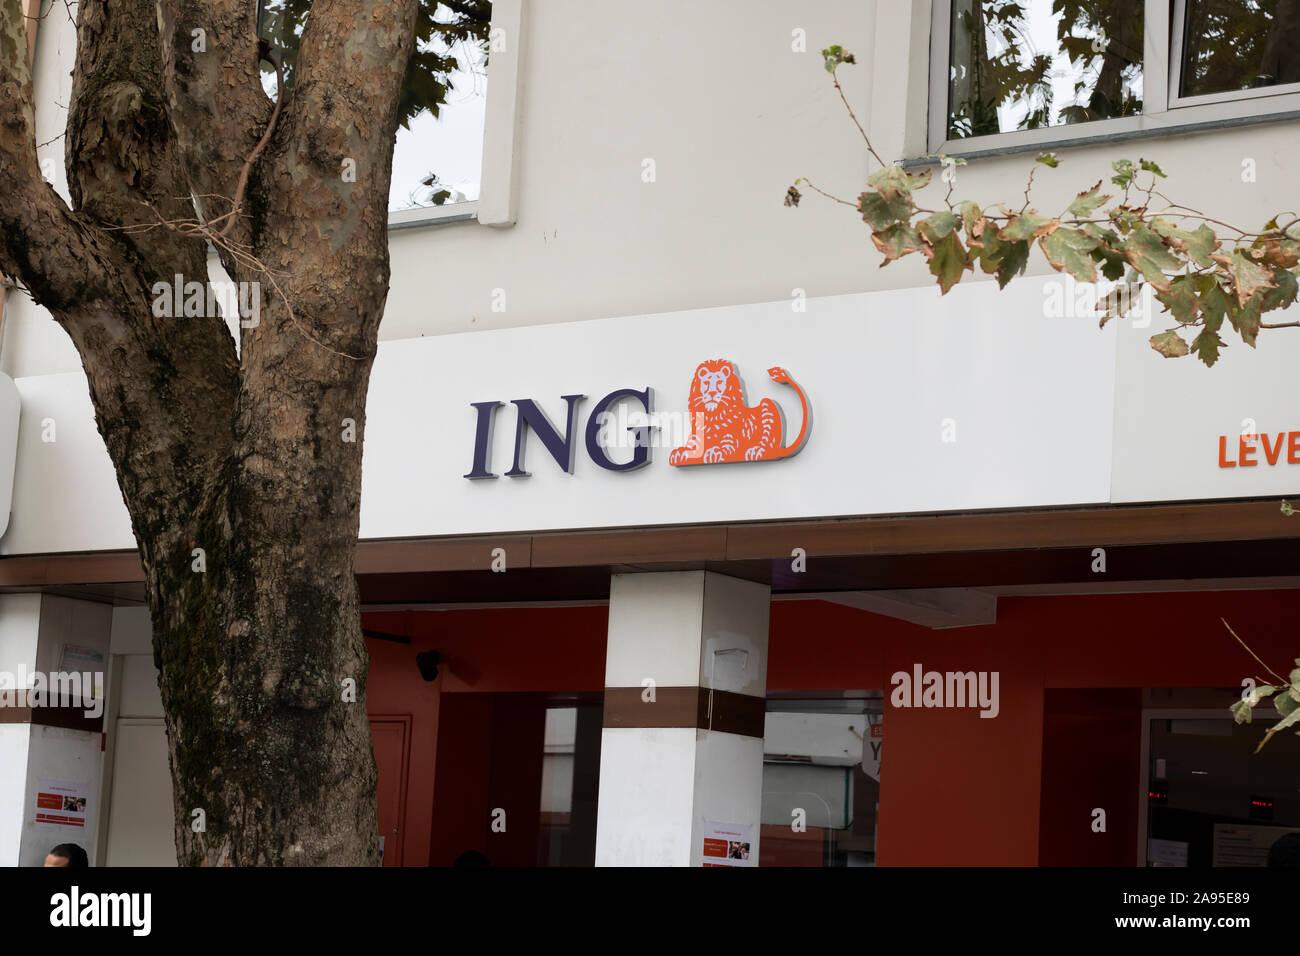 Estambul, Turquía - Noviembre-10.2019: ING Group es una empresa bancaria multinacional con sede en los Países Bajos. Foto de stock